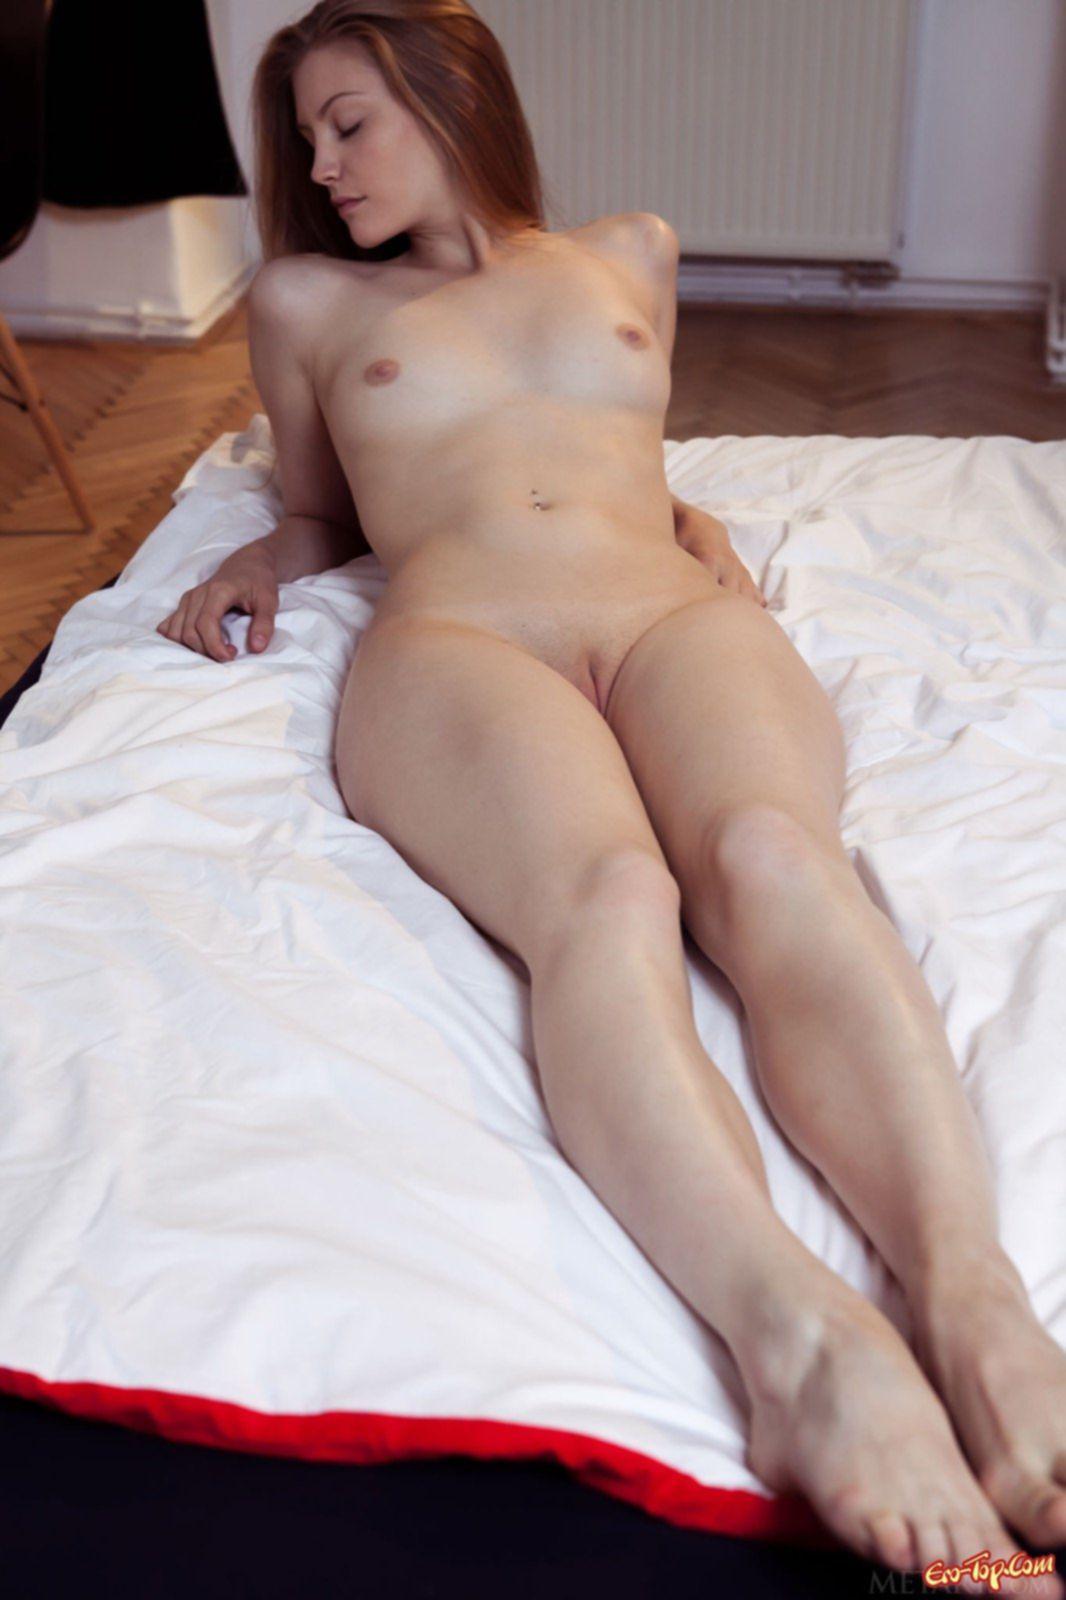 Рыжая девушка с упругой попкой позирует в постели - фото